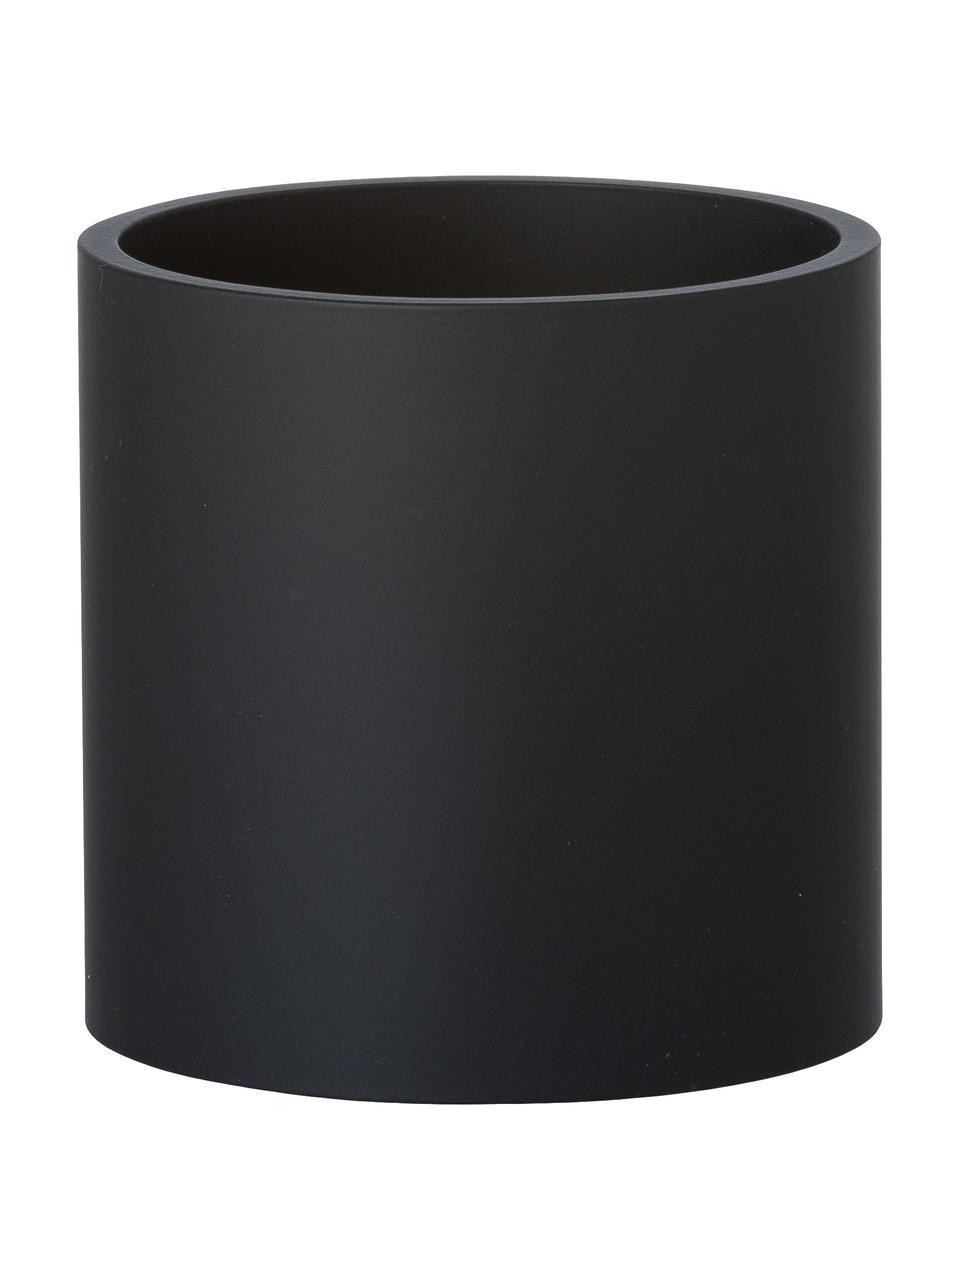 Applique nera Roda, Paralume: alluminio verniciato a po, Nero, Larg. 10 x Alt. 10 cm